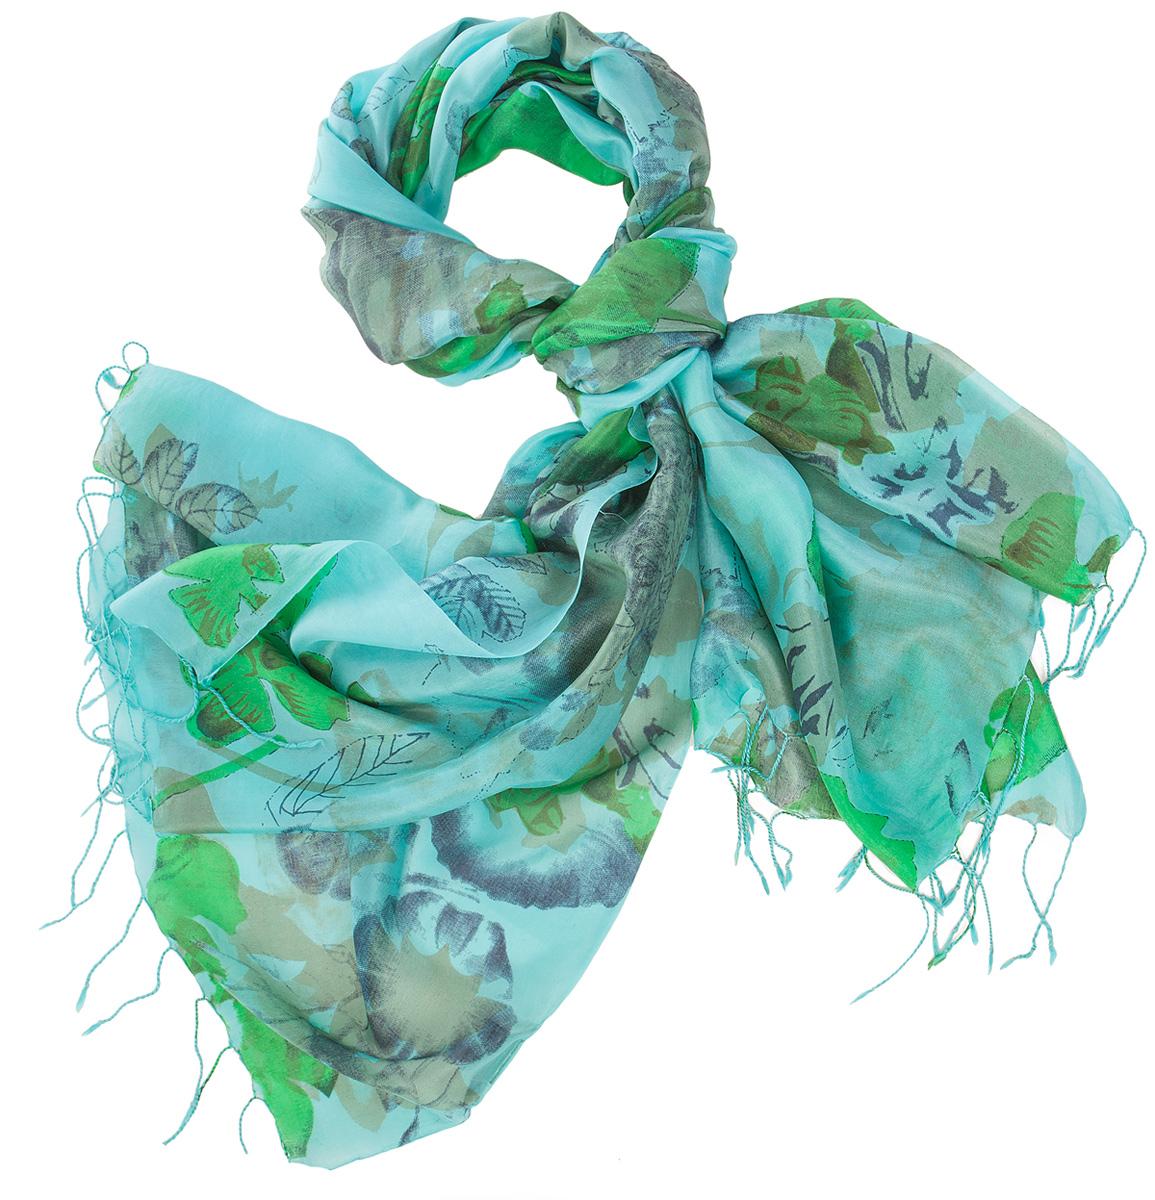 Палантин женский Michel Katana, цвет: голубой, синий, зеленый. S30-SMUDGE.FL/TUR.GREEN. Размер 110 x 180 смS30-SMUDGE.FL/TUR.GREENСтильный женский палантин от Michel Katana станет великолепным завершением любого наряда. Палантин изготовлен из шелка и оформлен ярким принтом. По краям модель дополнена неширокой бахромой. Изящный палантин поможет вам создать изысканный женственный образ, а также согреет в непогоду.